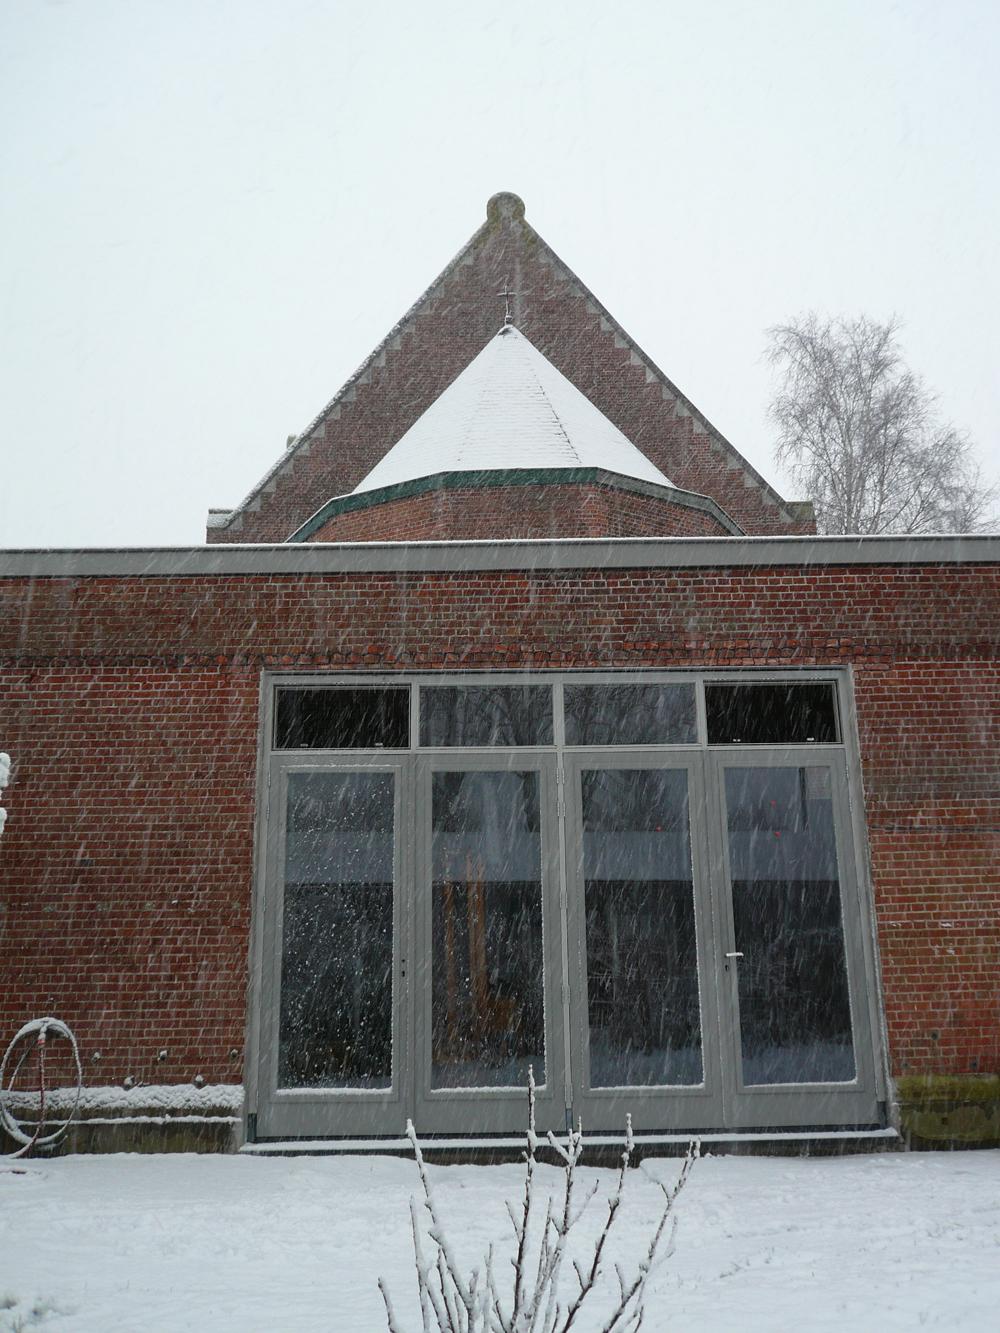 En hier zijn de deuren. Alleen de twee bovenlichtjes ontbreken nog, dus sneeuw in de keuken.